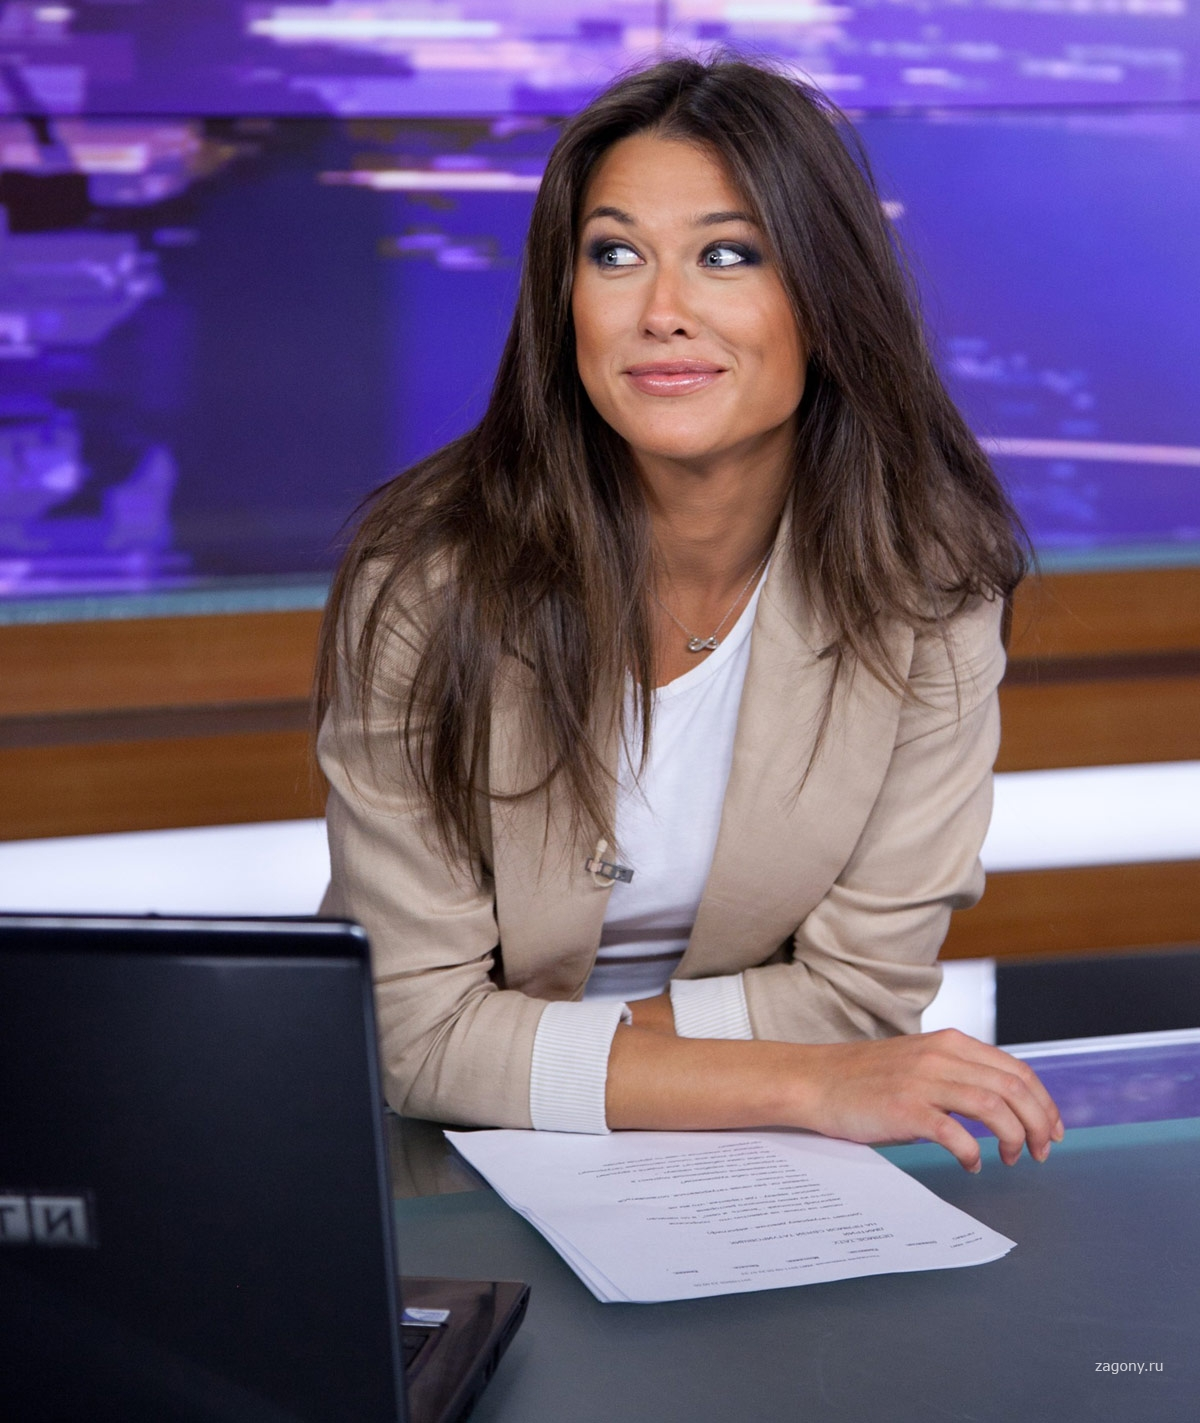 русские женские телеведущие фото или смартфон